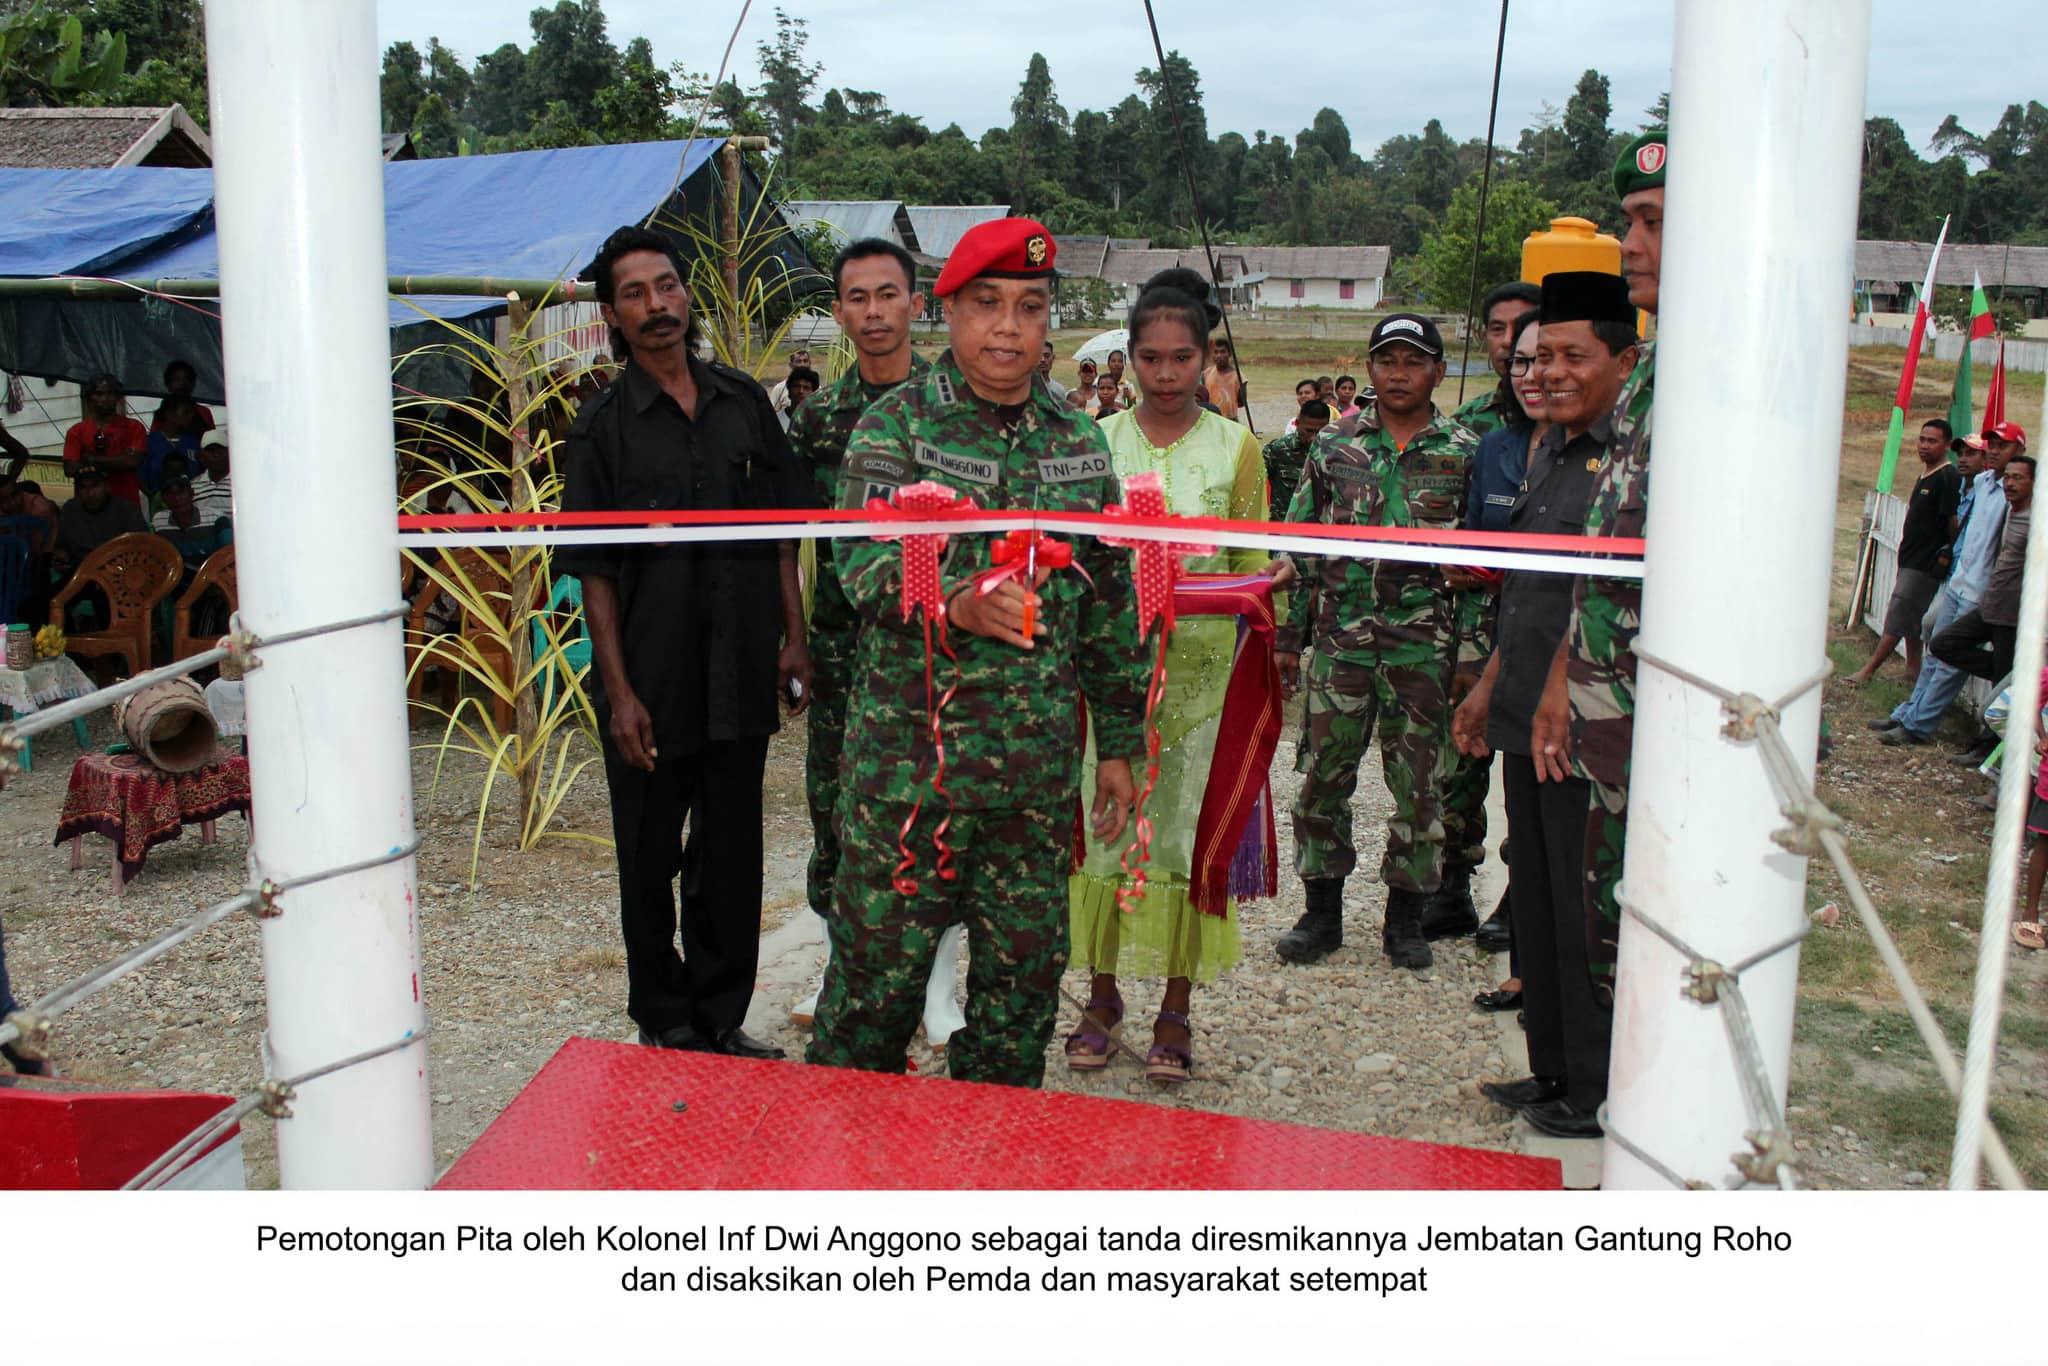 Tim Ekspedisi NKRI Koridor Maluku Dan Malut Berhasil Membangun Jembatan Gantung Yang Materialnya Diimpor Dari Luar Negeri